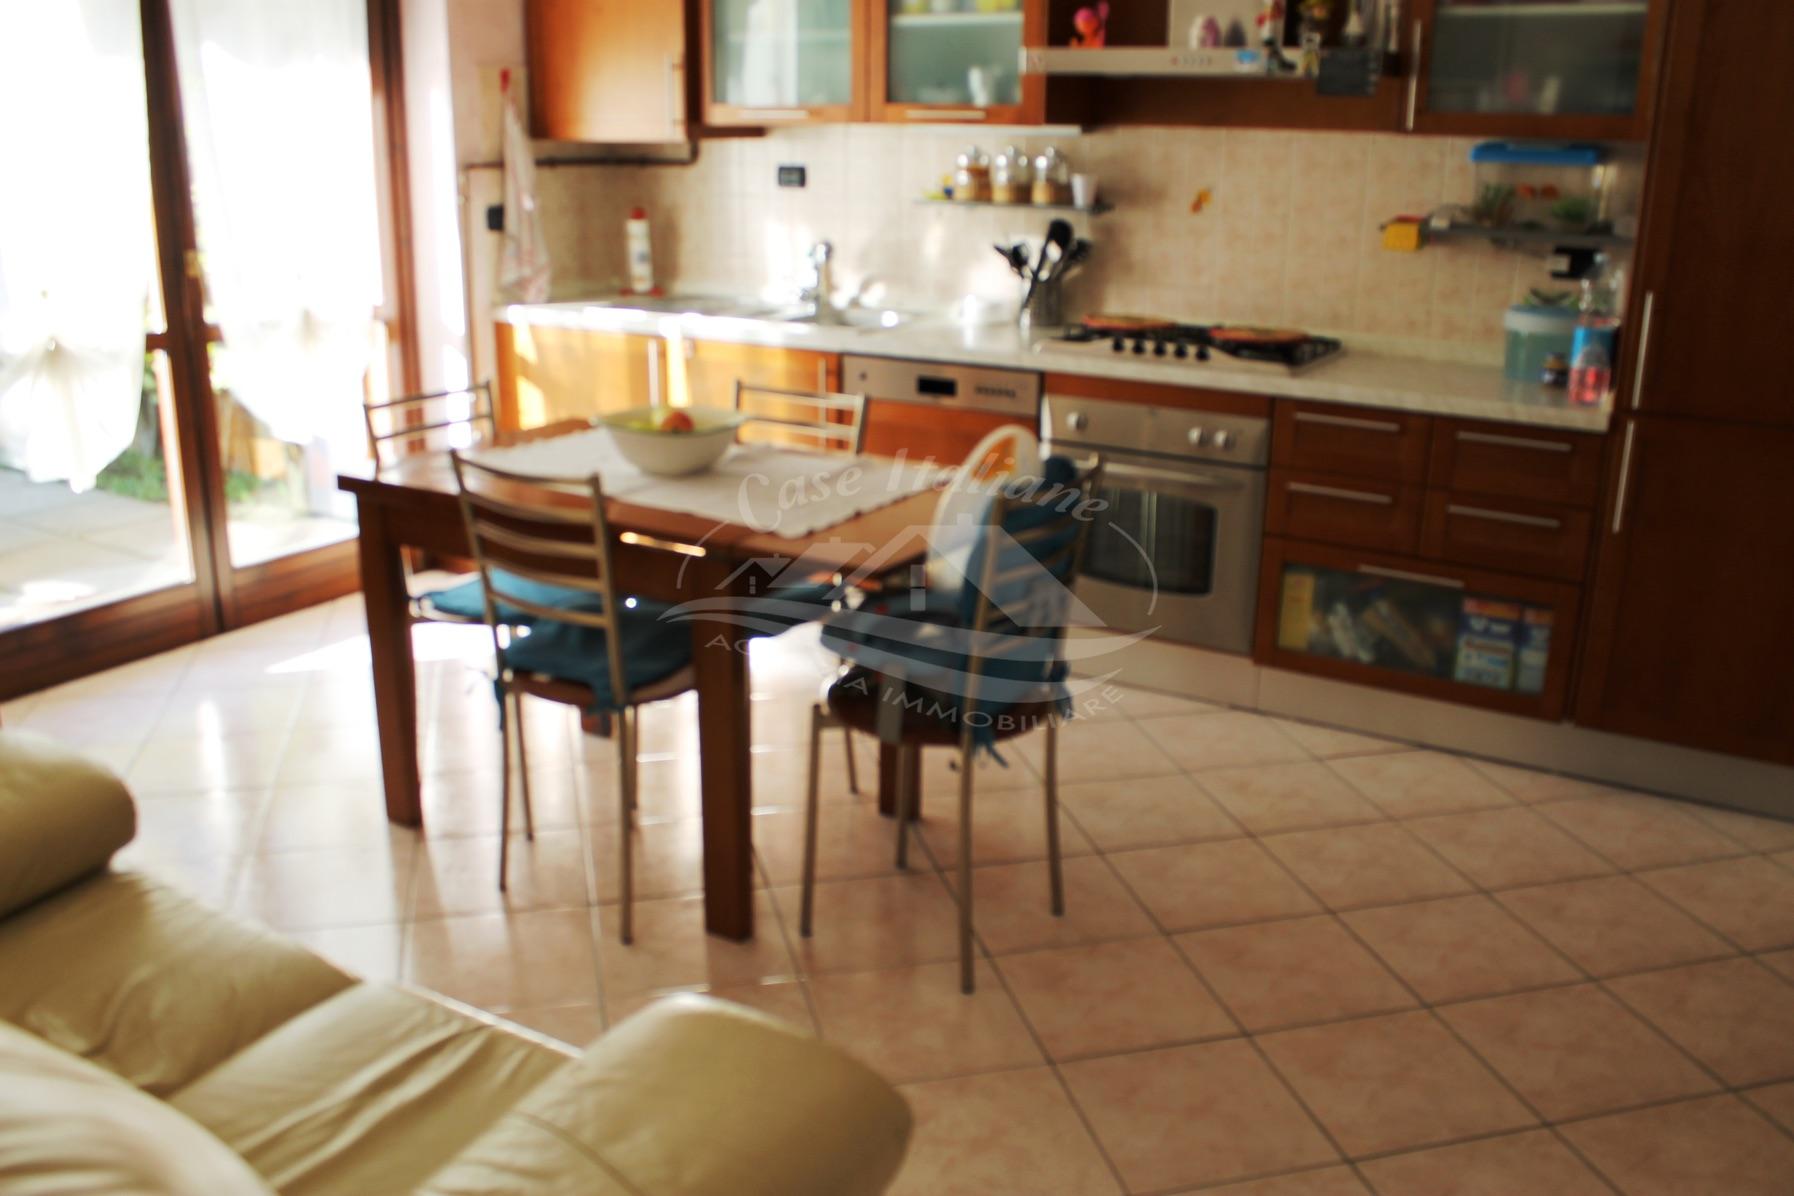 Foto immobili 2119 case italiane agenzia immobiliare cant for Case italiane immobiliare